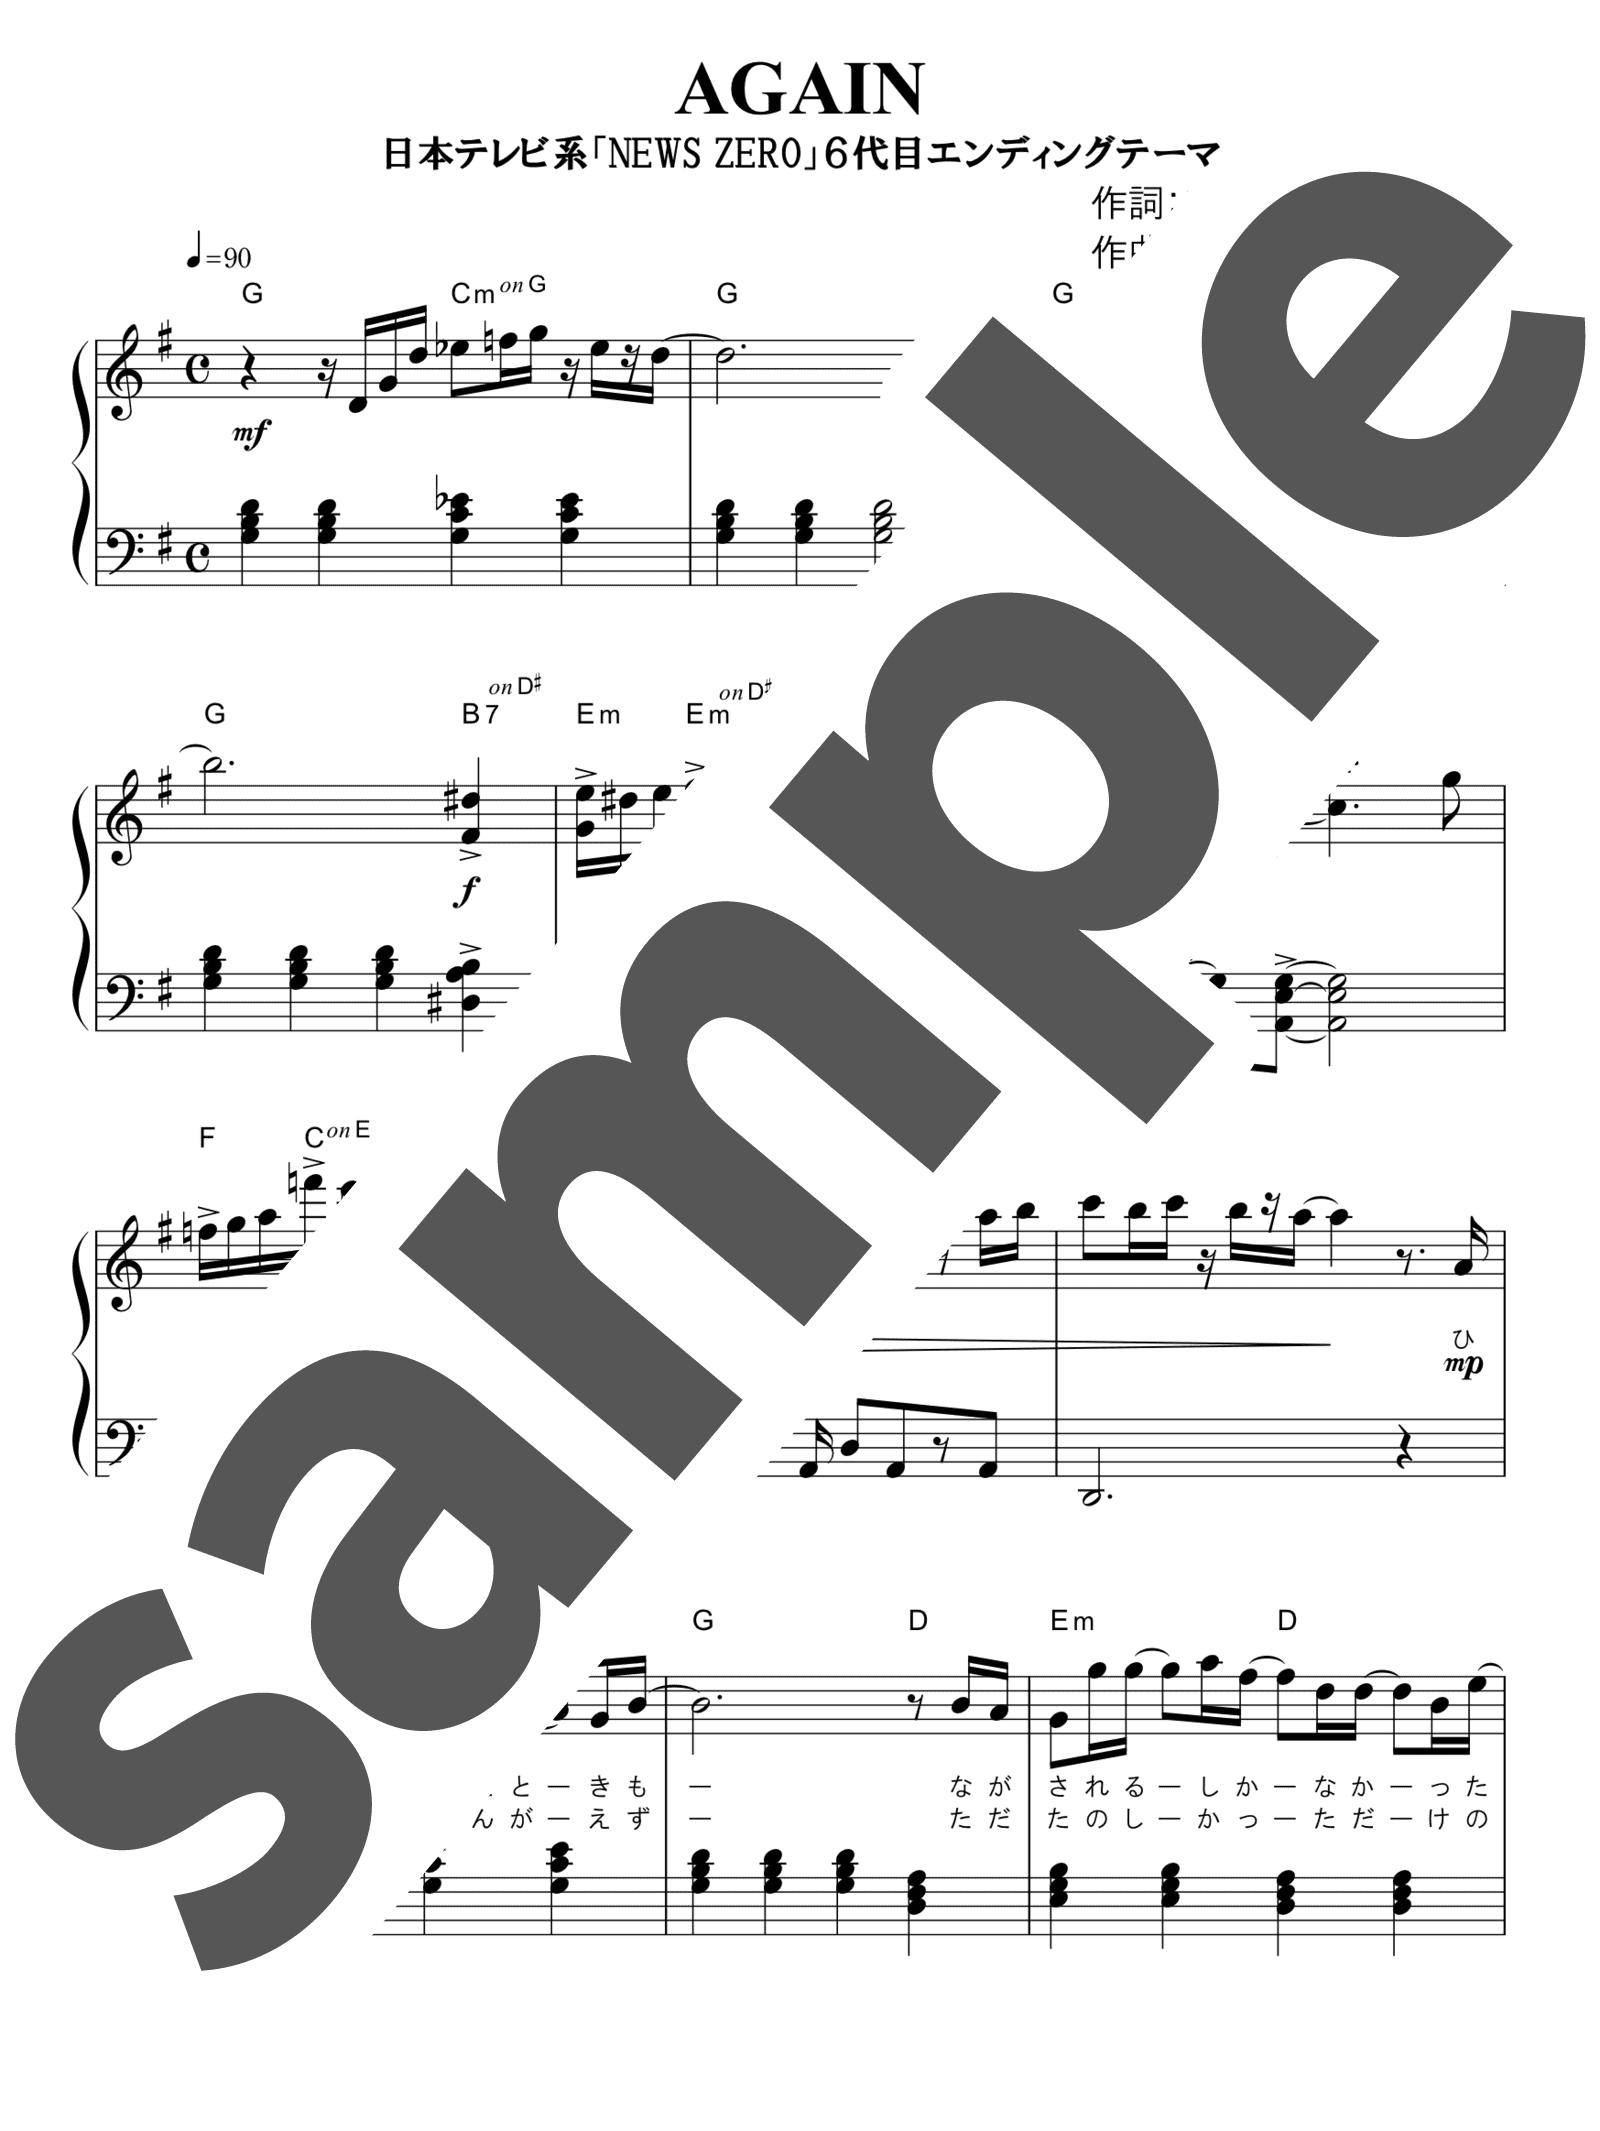 「AGAIN」のサンプル楽譜